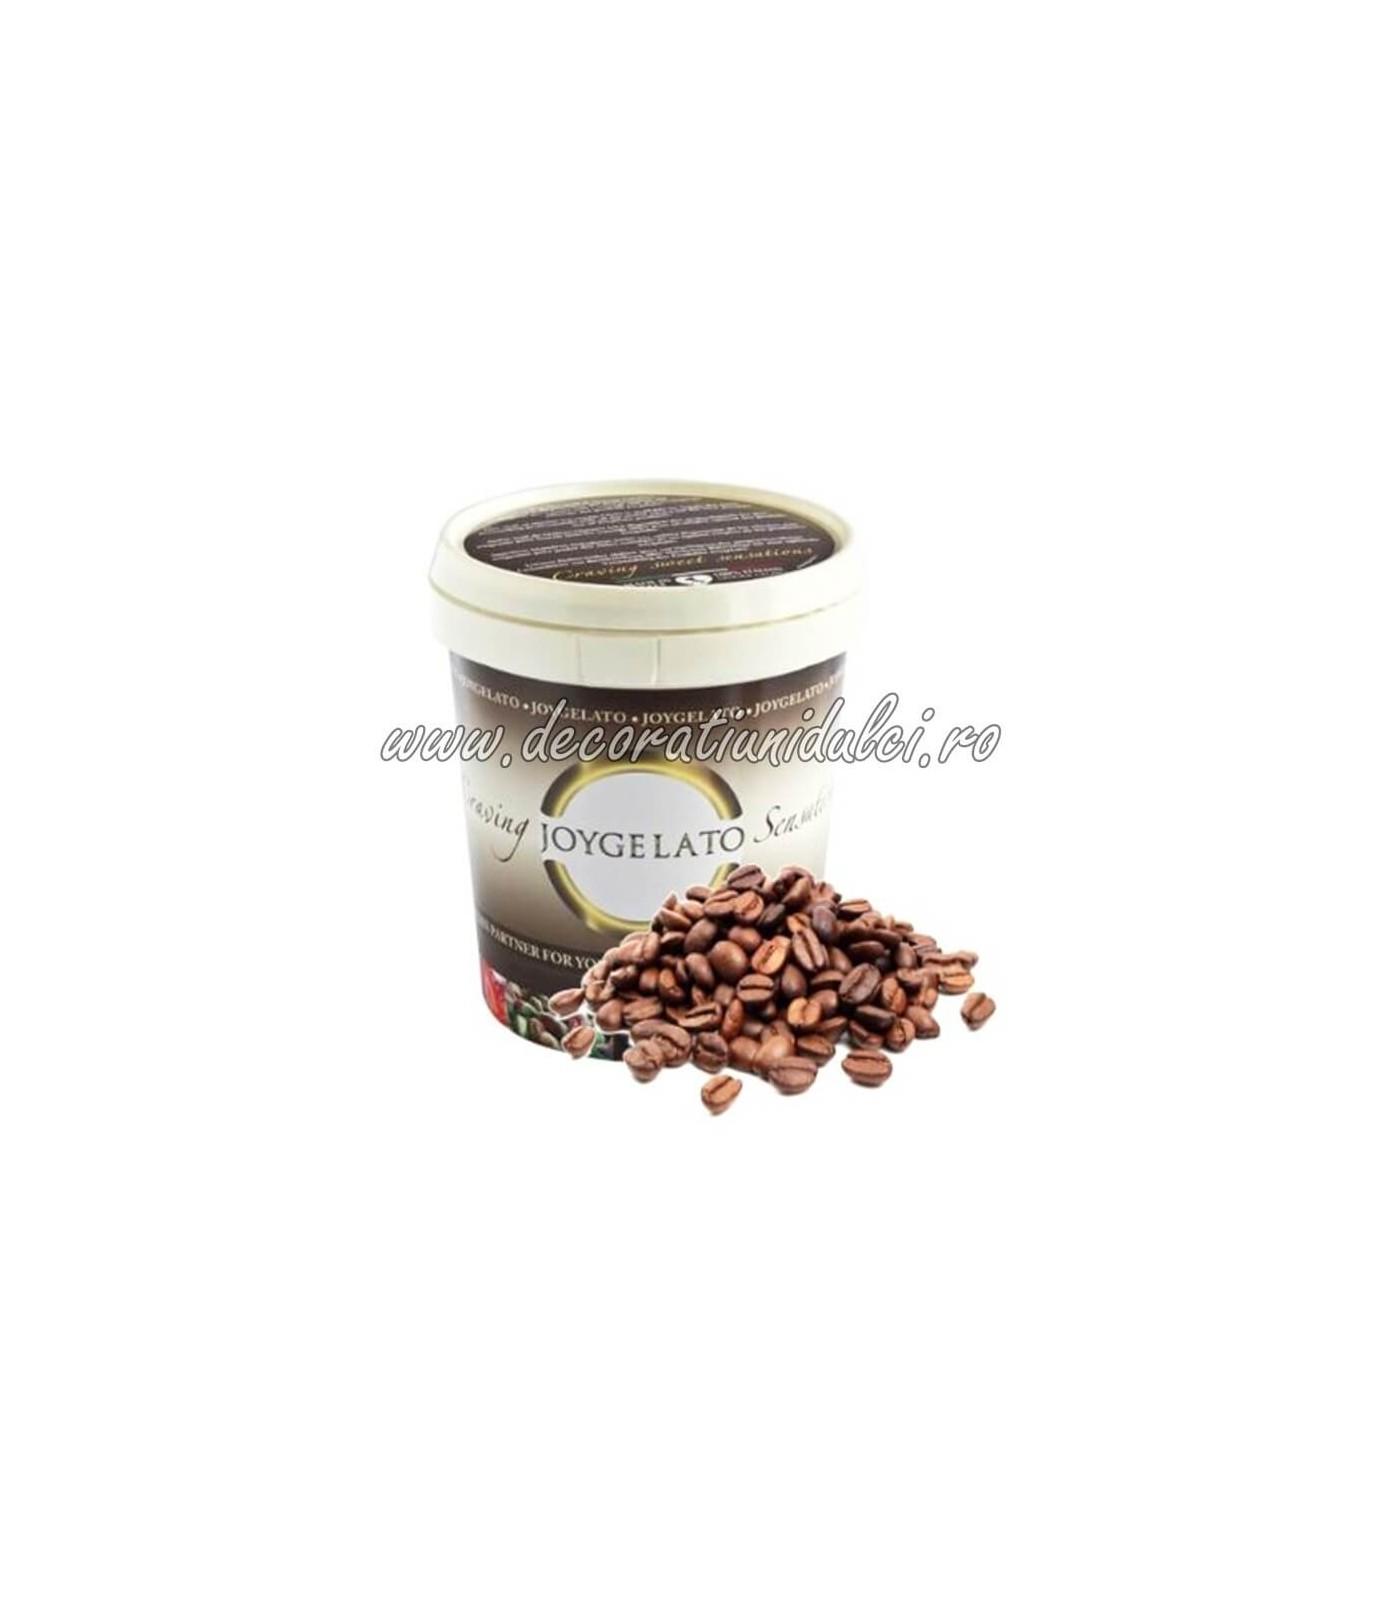 JoyPaste Cafea